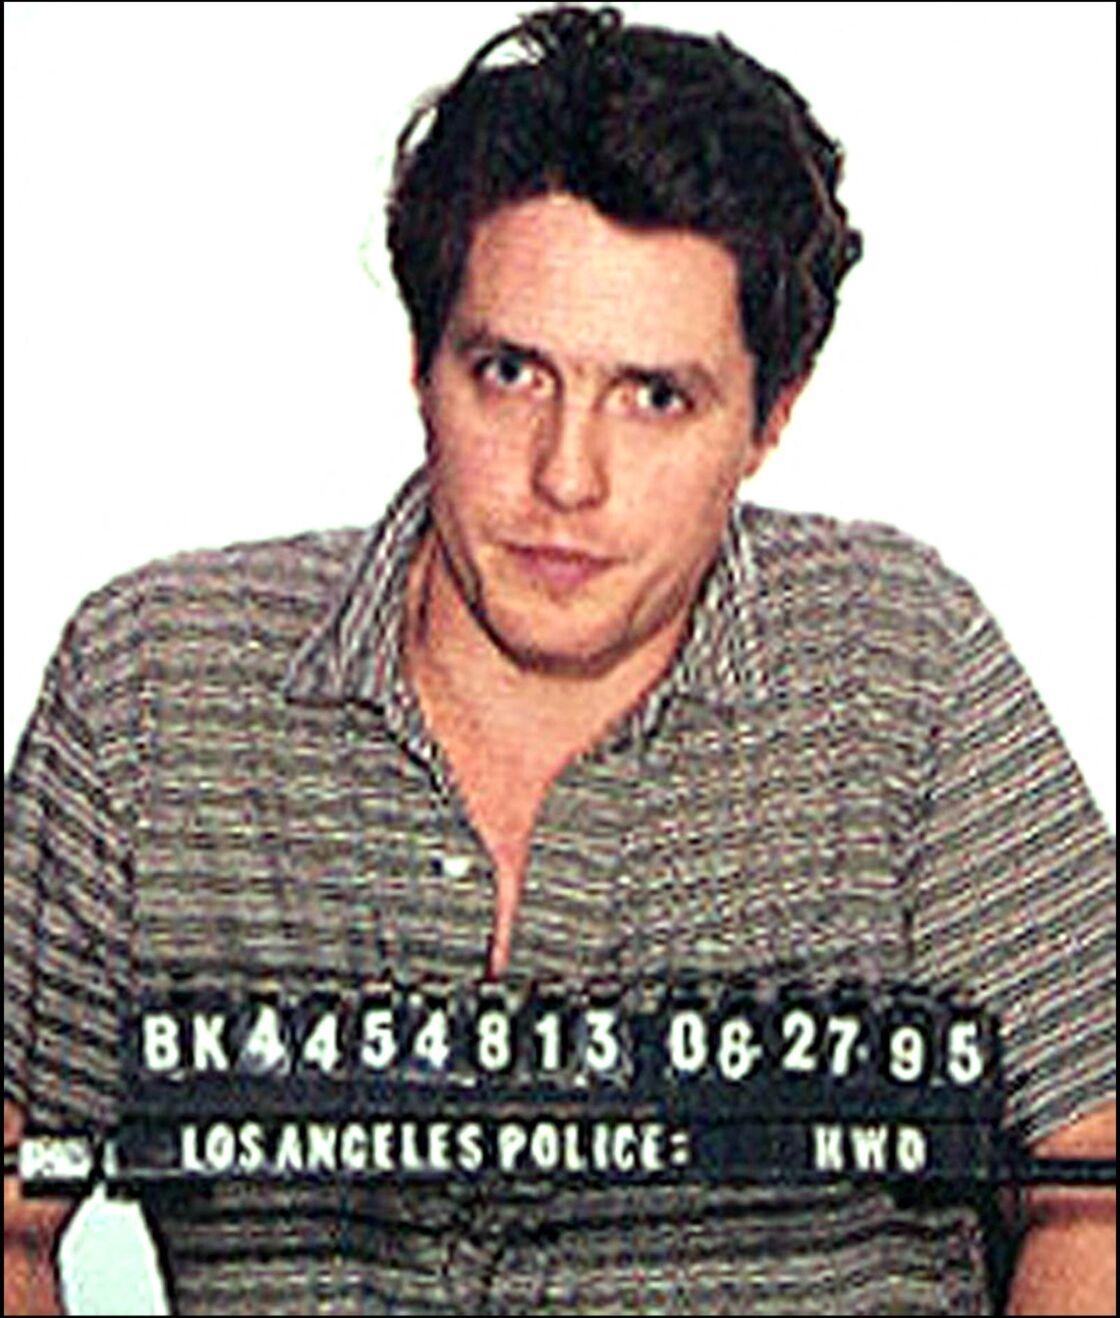 Hugh Grant lors de son arrestation pour exhibition sexuelle, le 27 juin 1995.